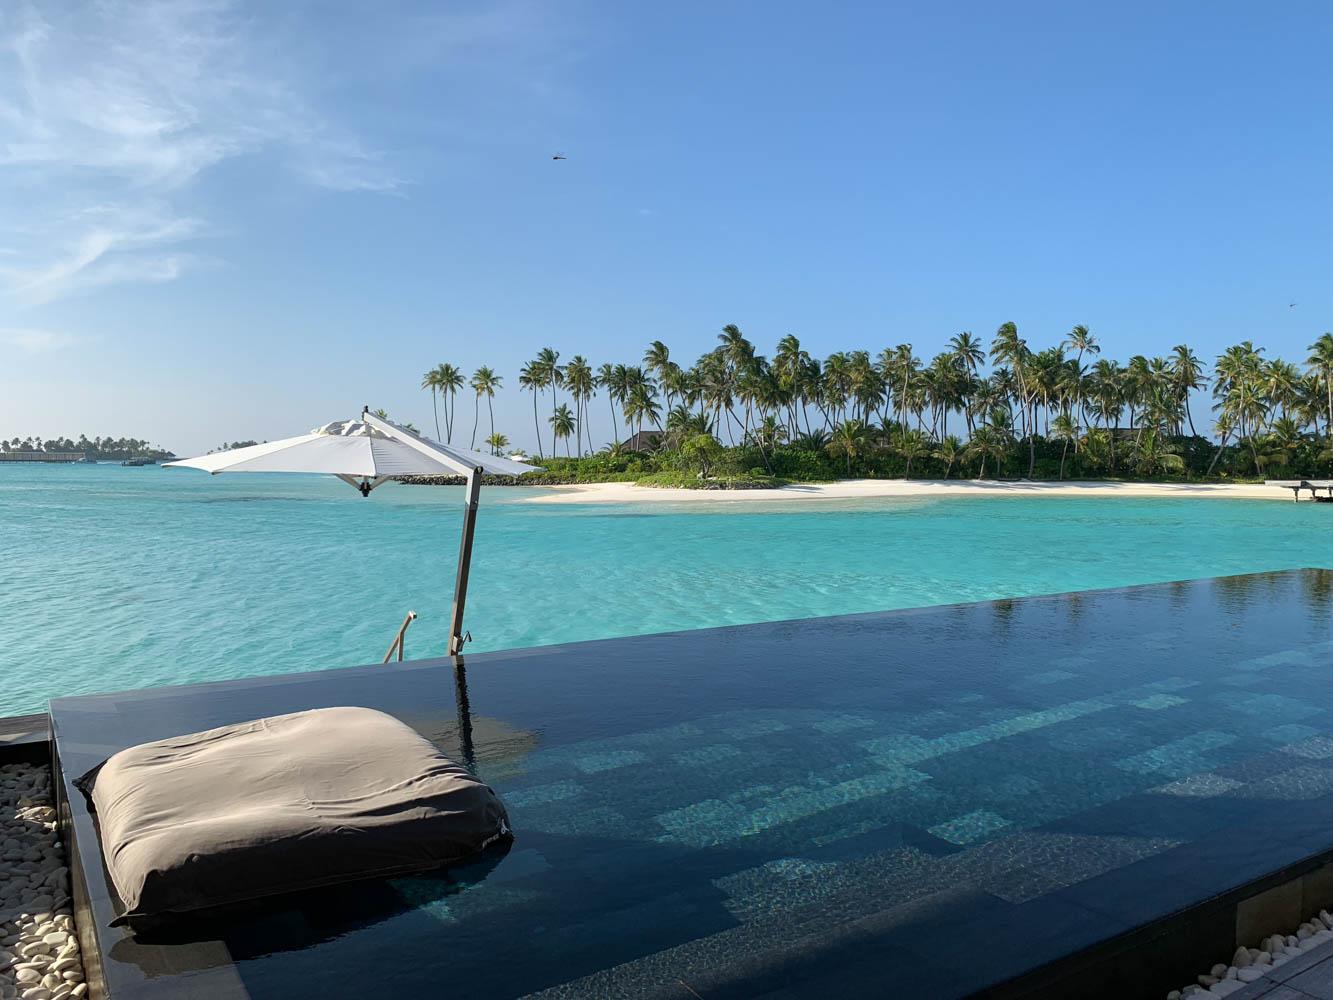 Maldives_Resort_Honeymoon_Cheval_Blanc_MaldivesTravelAdvisor-6.jpg